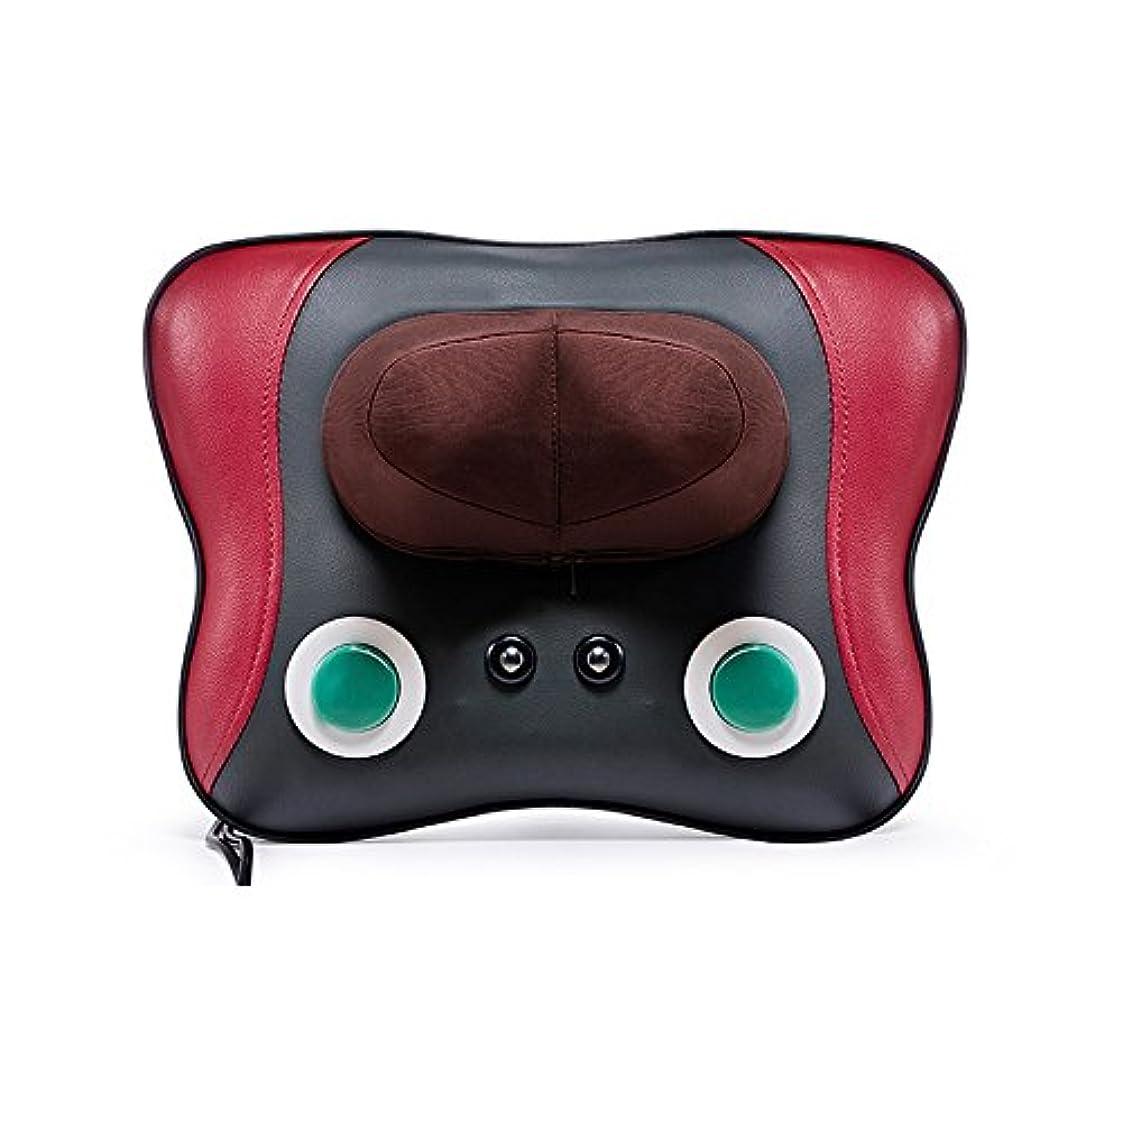 鳴り響くいつも遵守するHAIZHEN マッサージチェア フルボディマッサージ器電動式指圧混じり指圧リウマチ痛緩和足の痛み緩和 (色 : C)